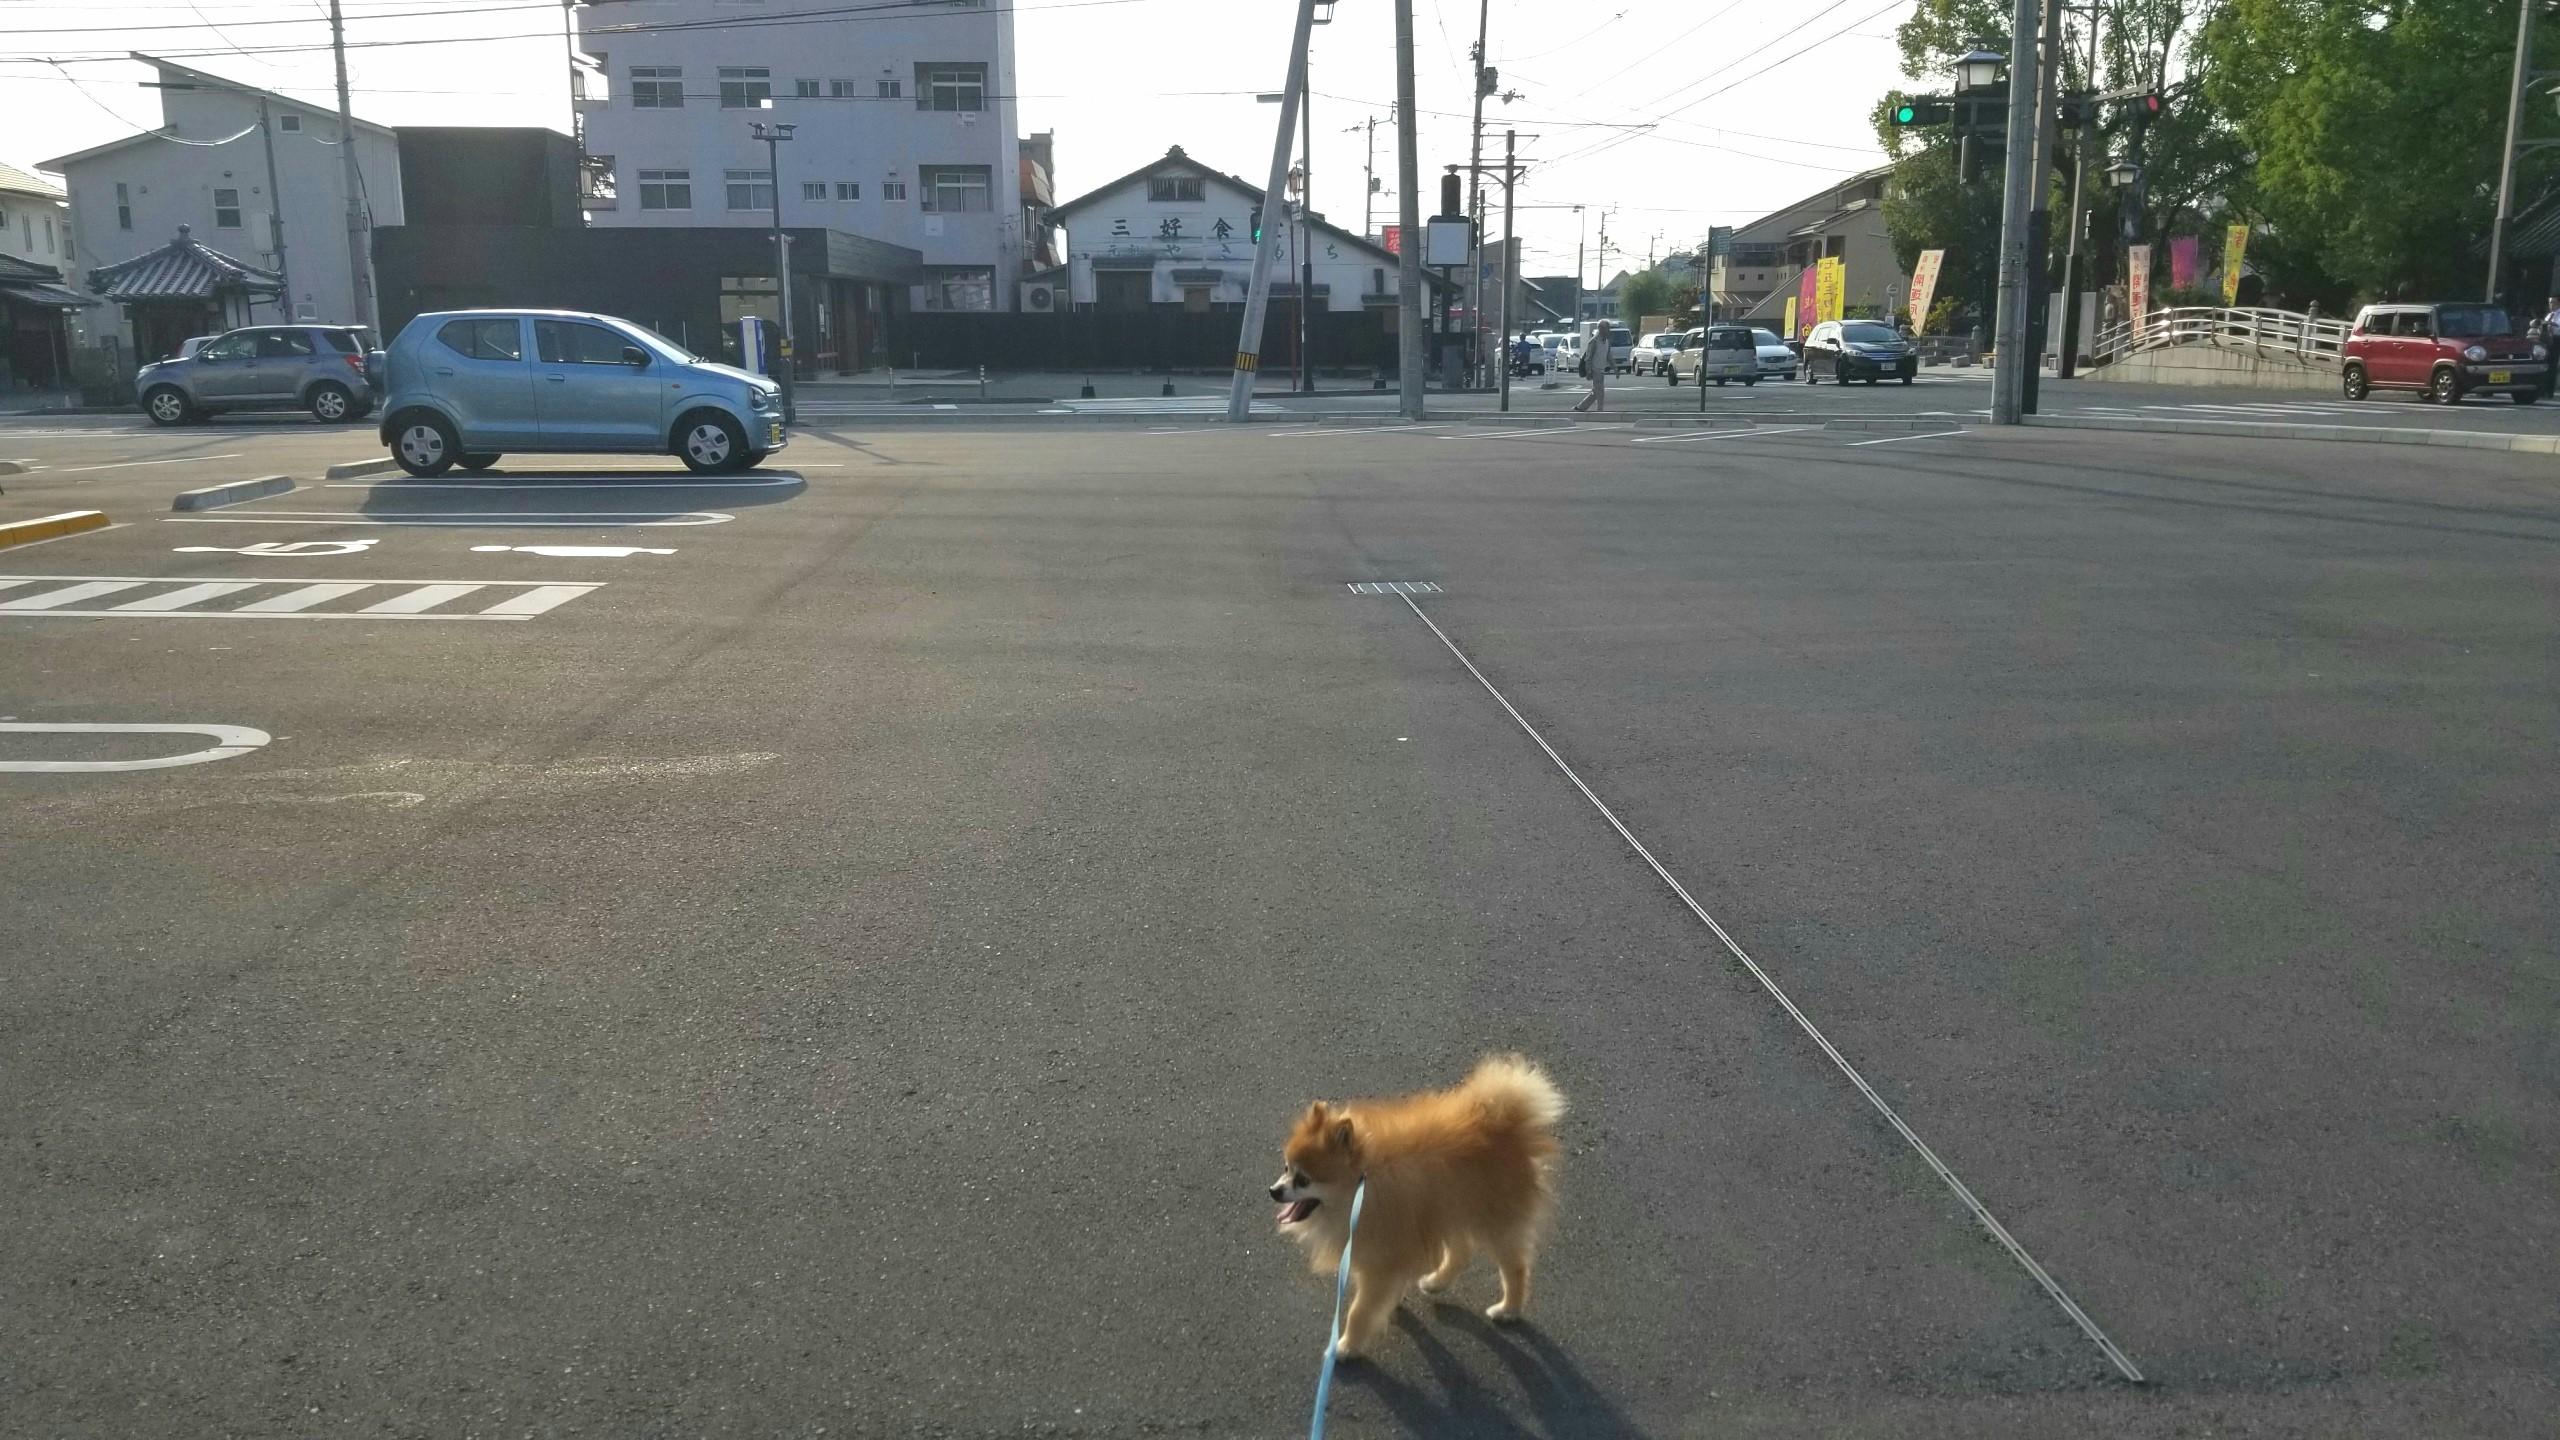 うちの子可愛い,愛犬との生活,お散歩はクタクタ,元気でいて欲しい